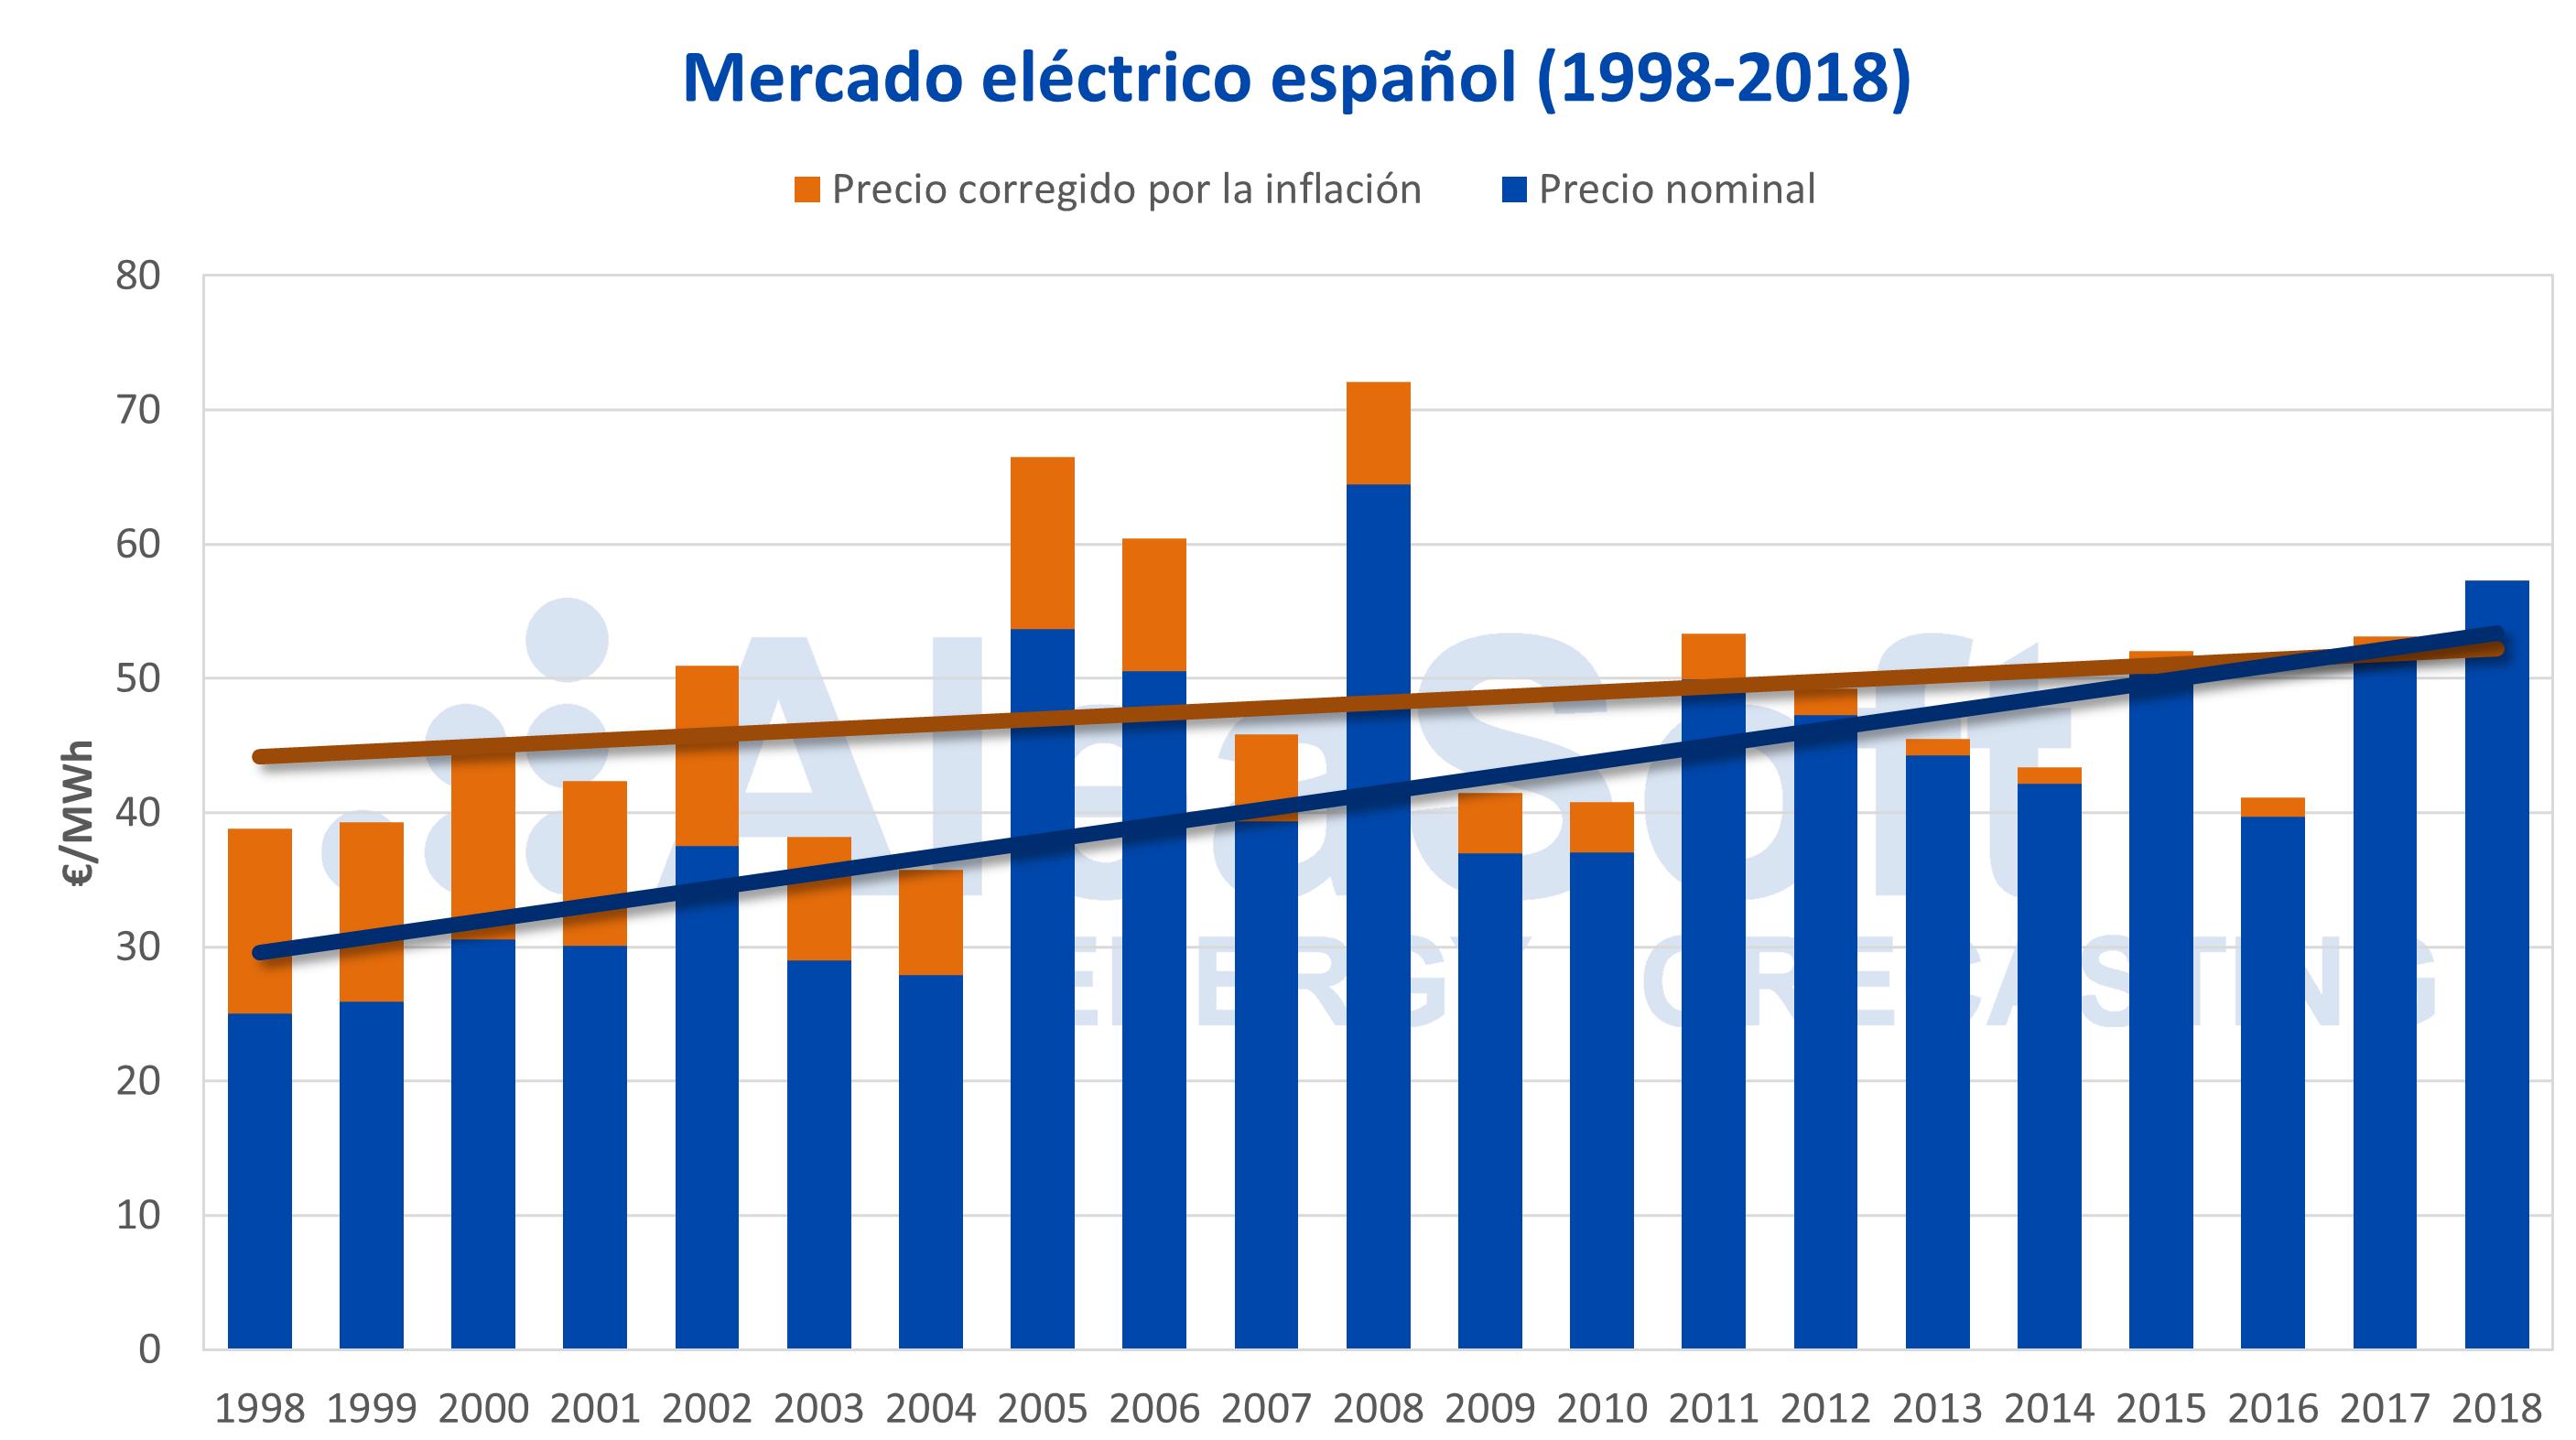 AleaSoft - Precio mercado eléctrico español corregido inflación IPC 1998-2018